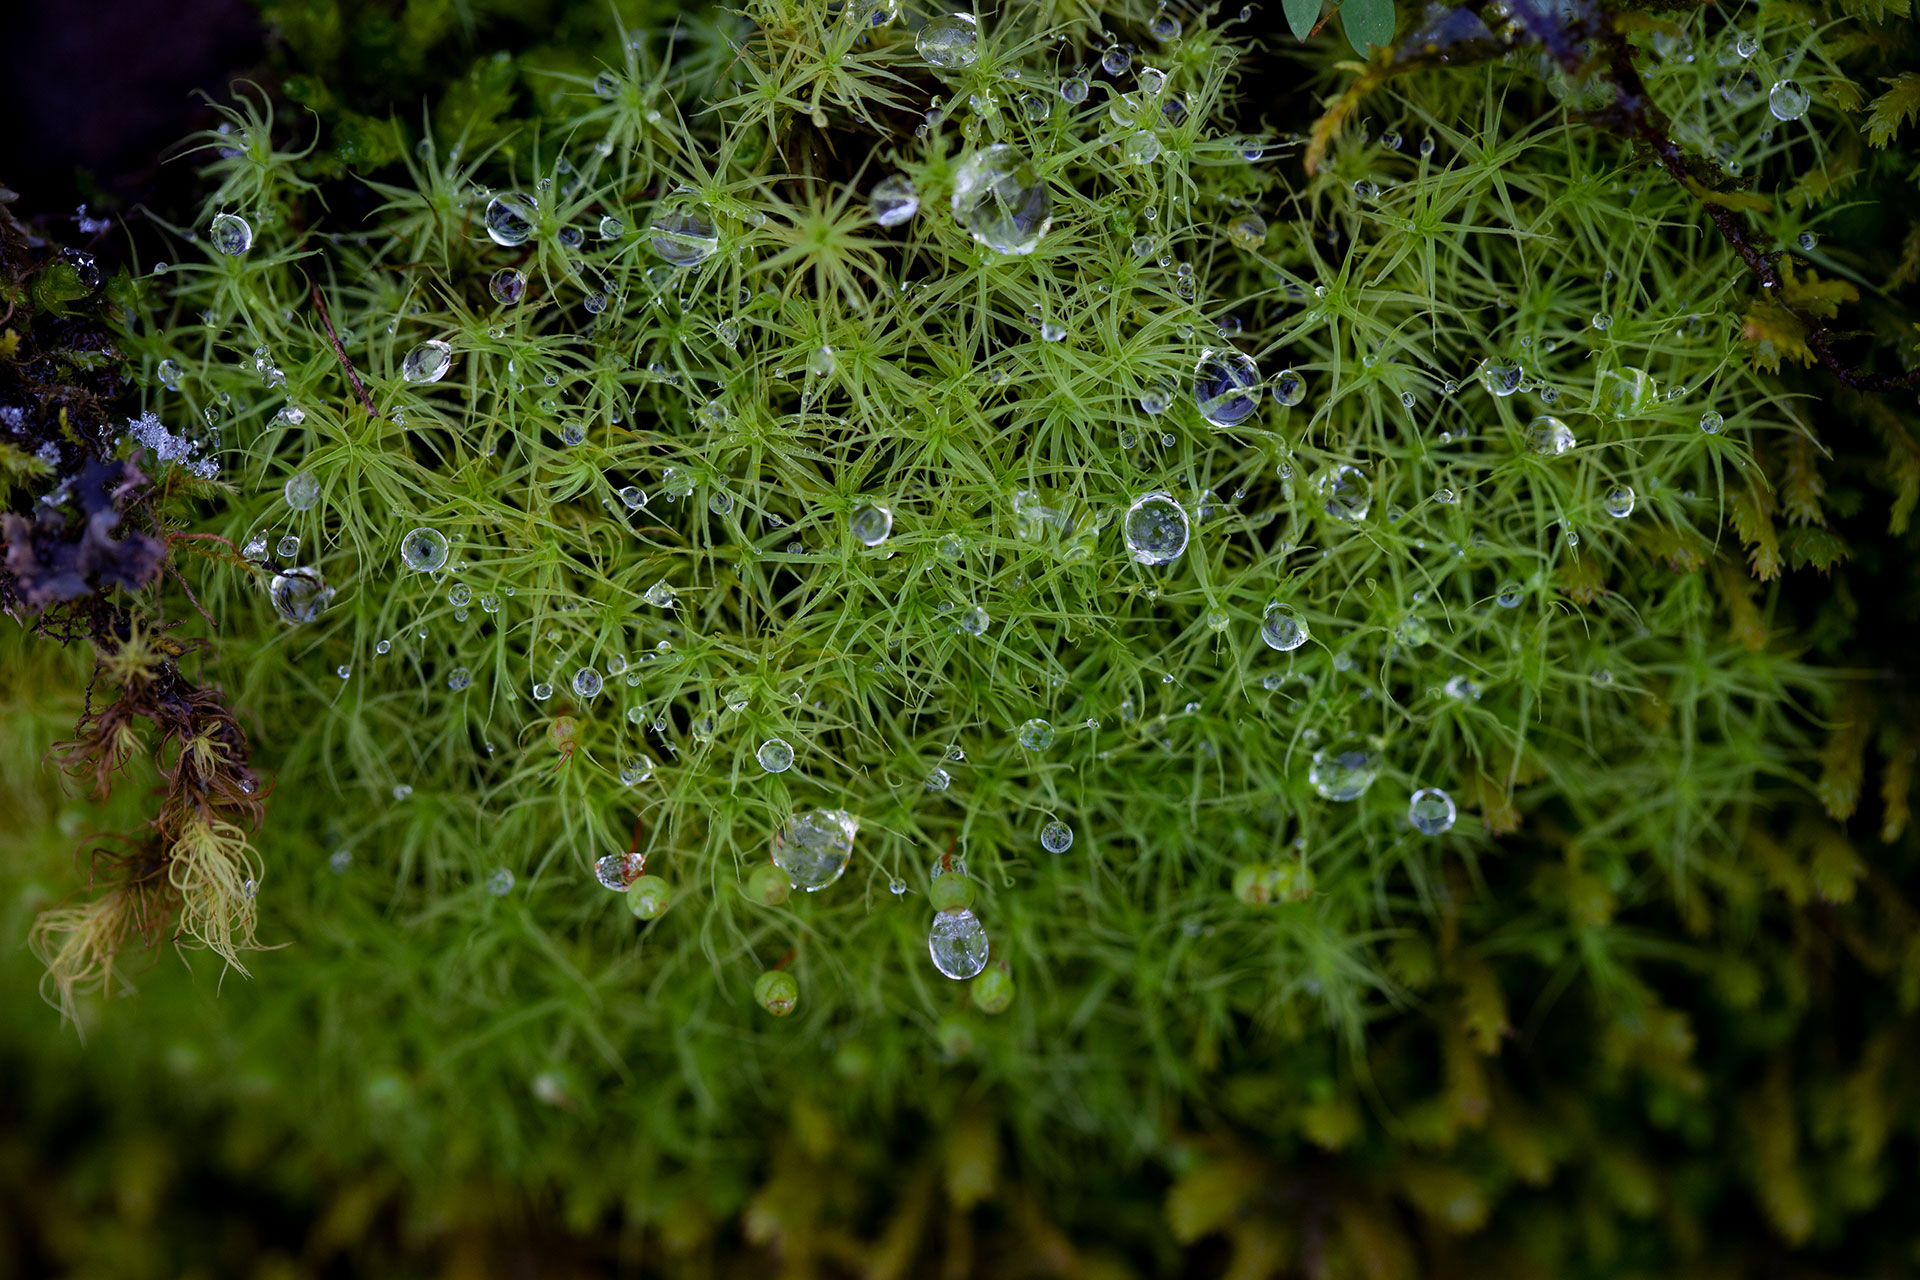 8961_Grass-Droplets-1920.jpg